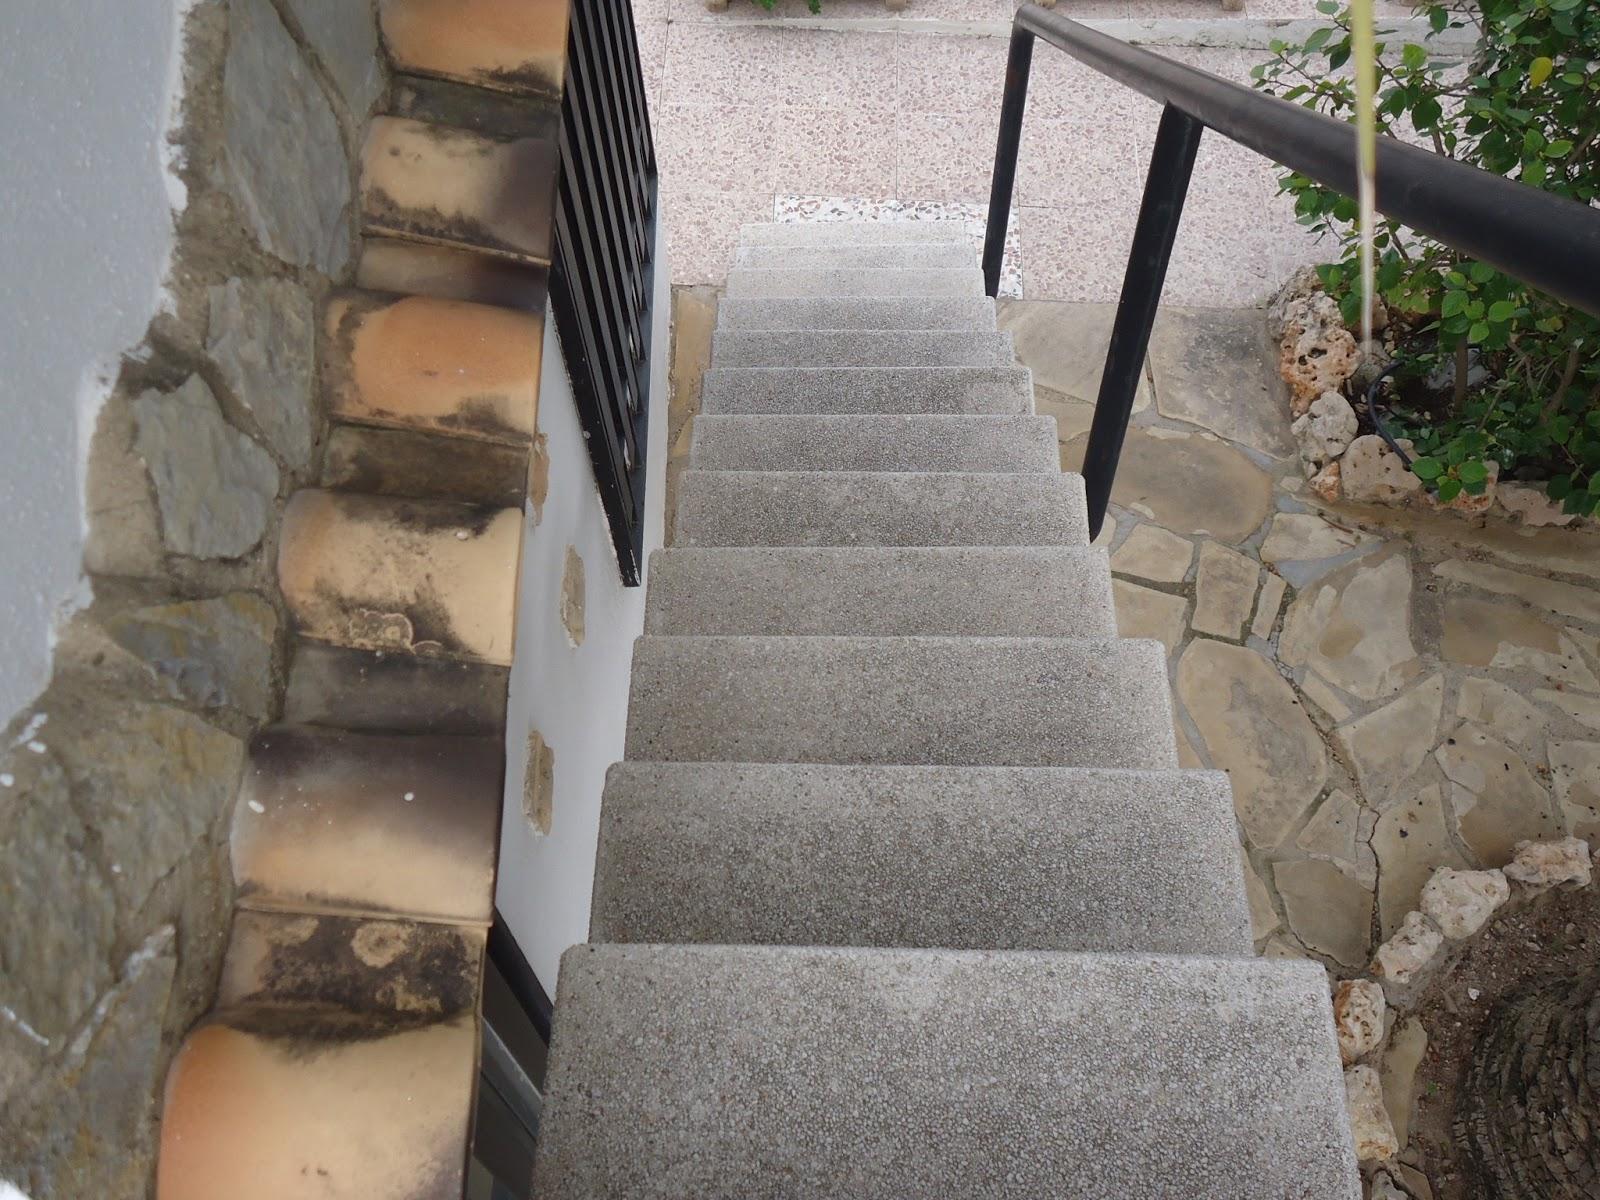 Escaleras exteriores de jard n quiero reformar mi casa for Escaleras para exteriores de madera